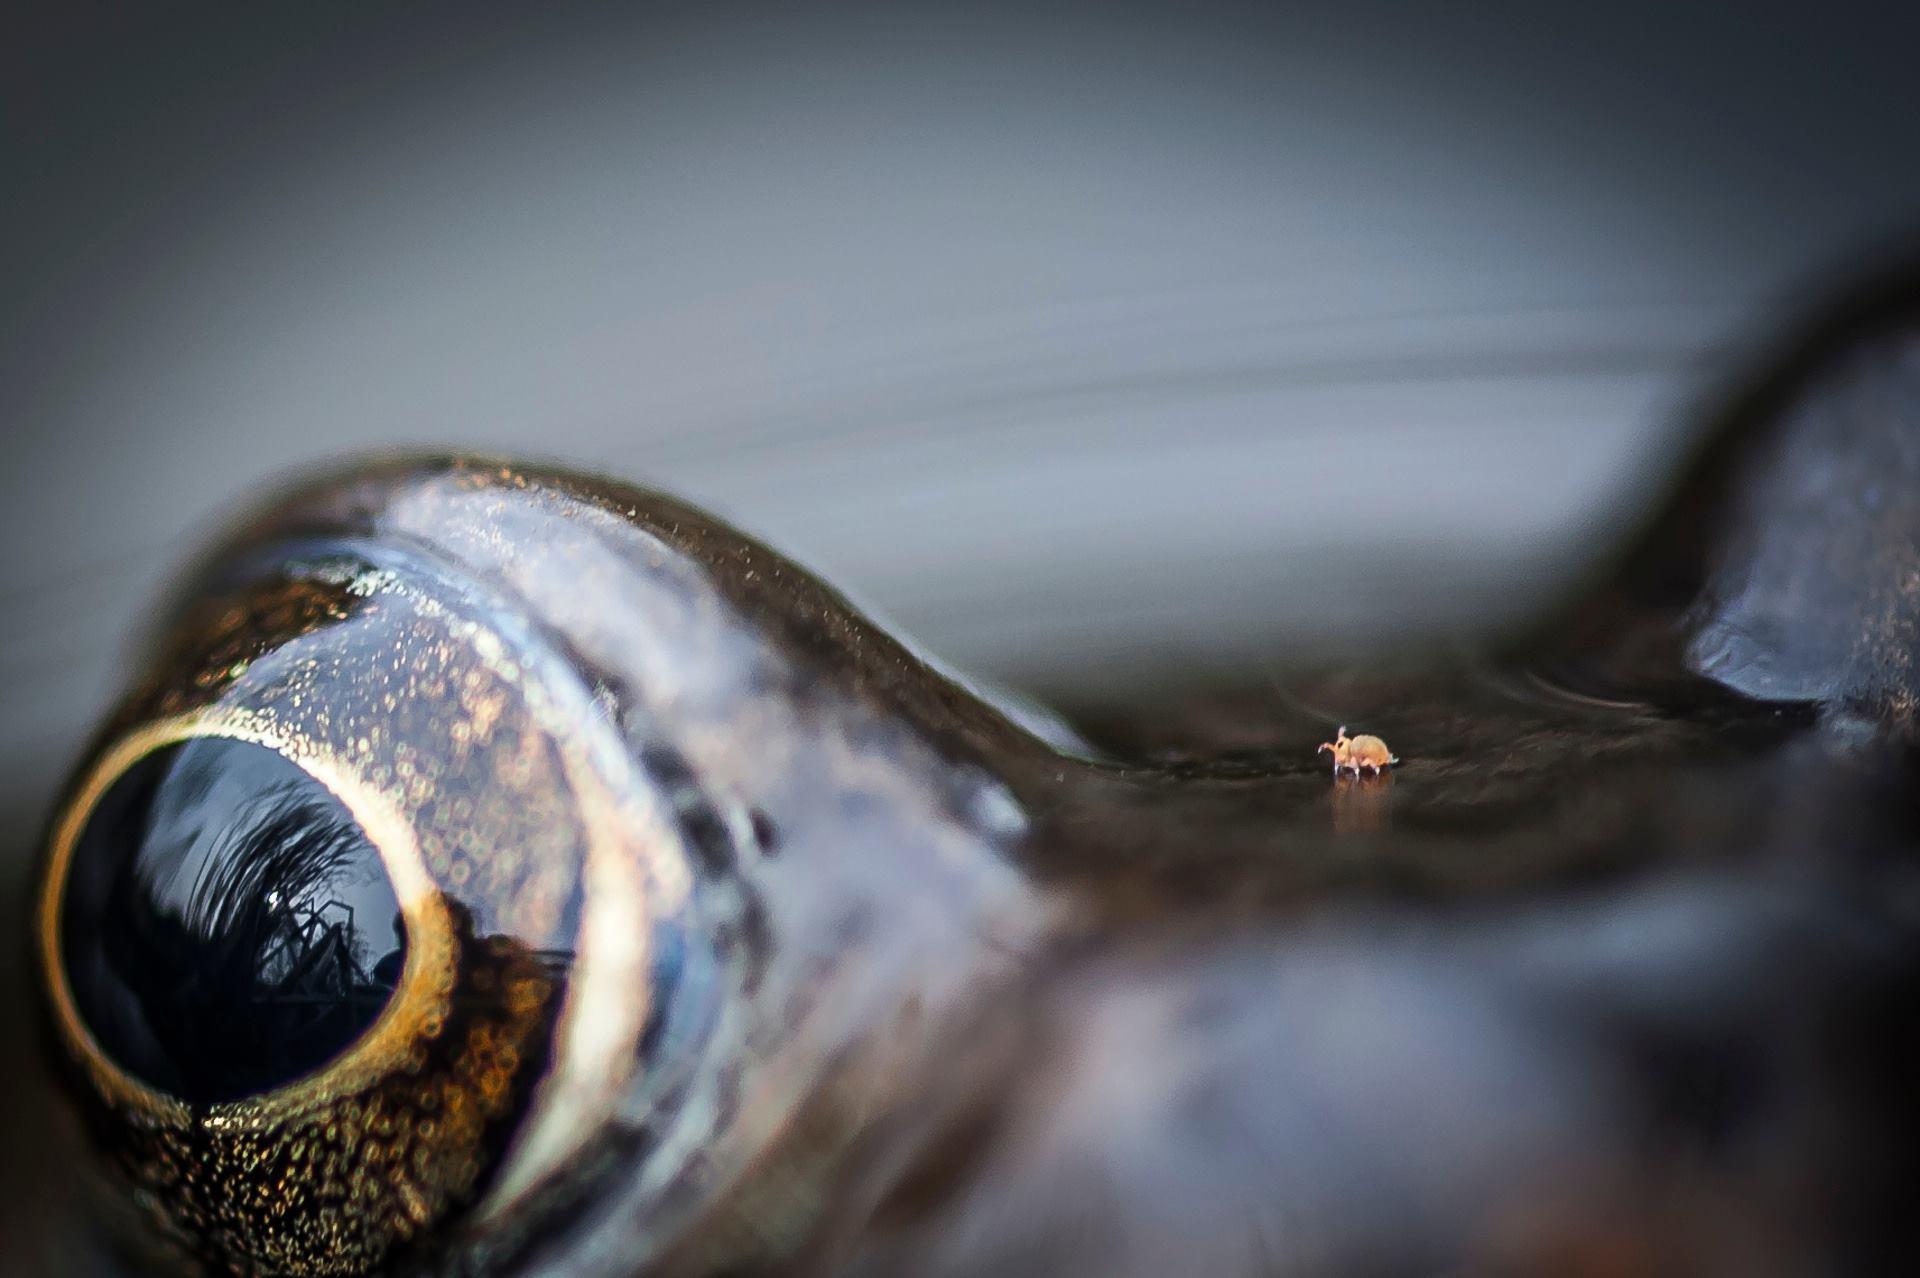 """""""Vale do ácaro andando em sapo"""", por Chris Speller - vencedor na categoria close na natureza. Fotografia feita em Bristol, na Inglaterra"""